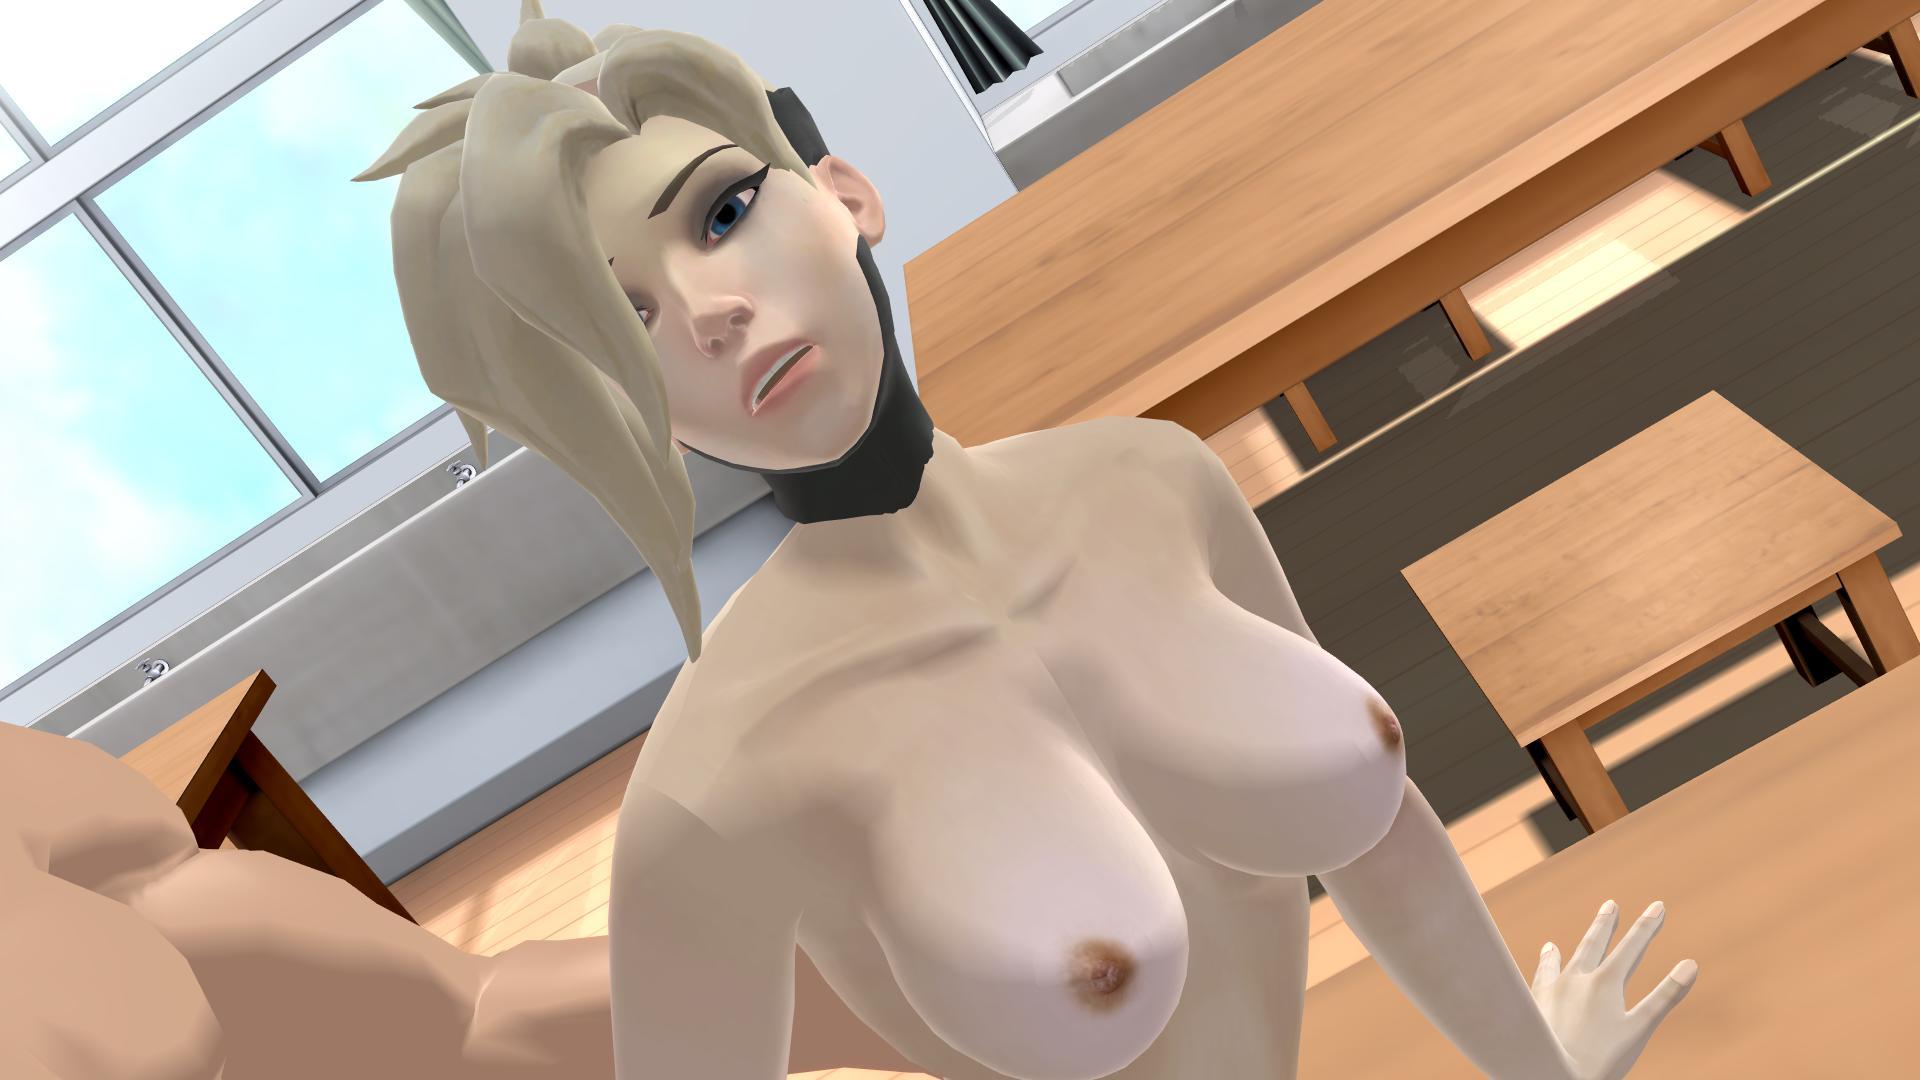 massage nuru overwatch mercy porno